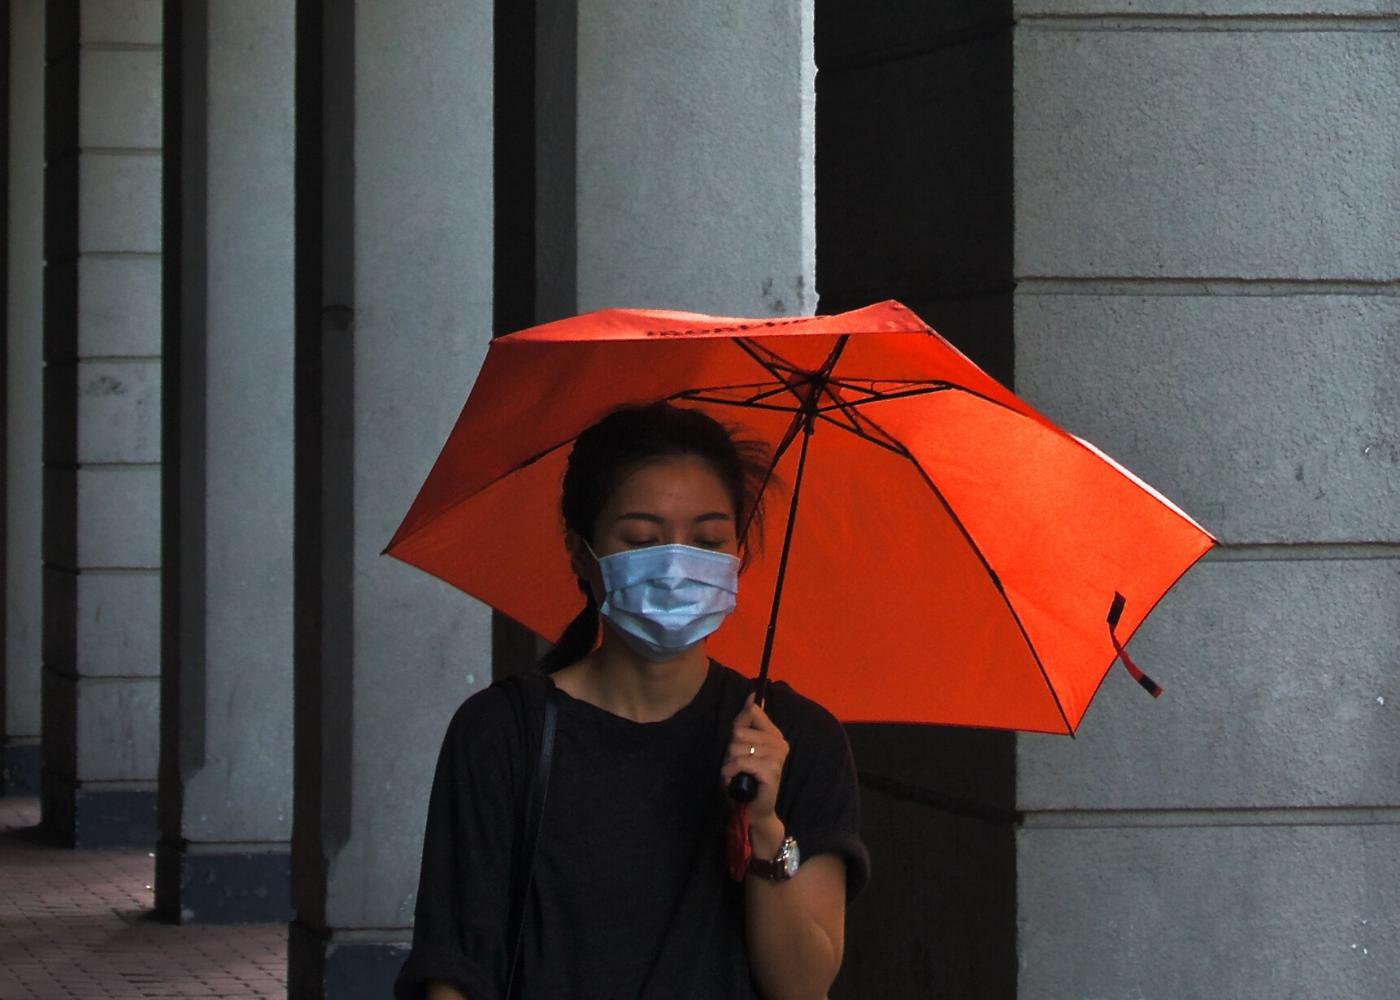 Wear a mask | Coronavirus Singapore